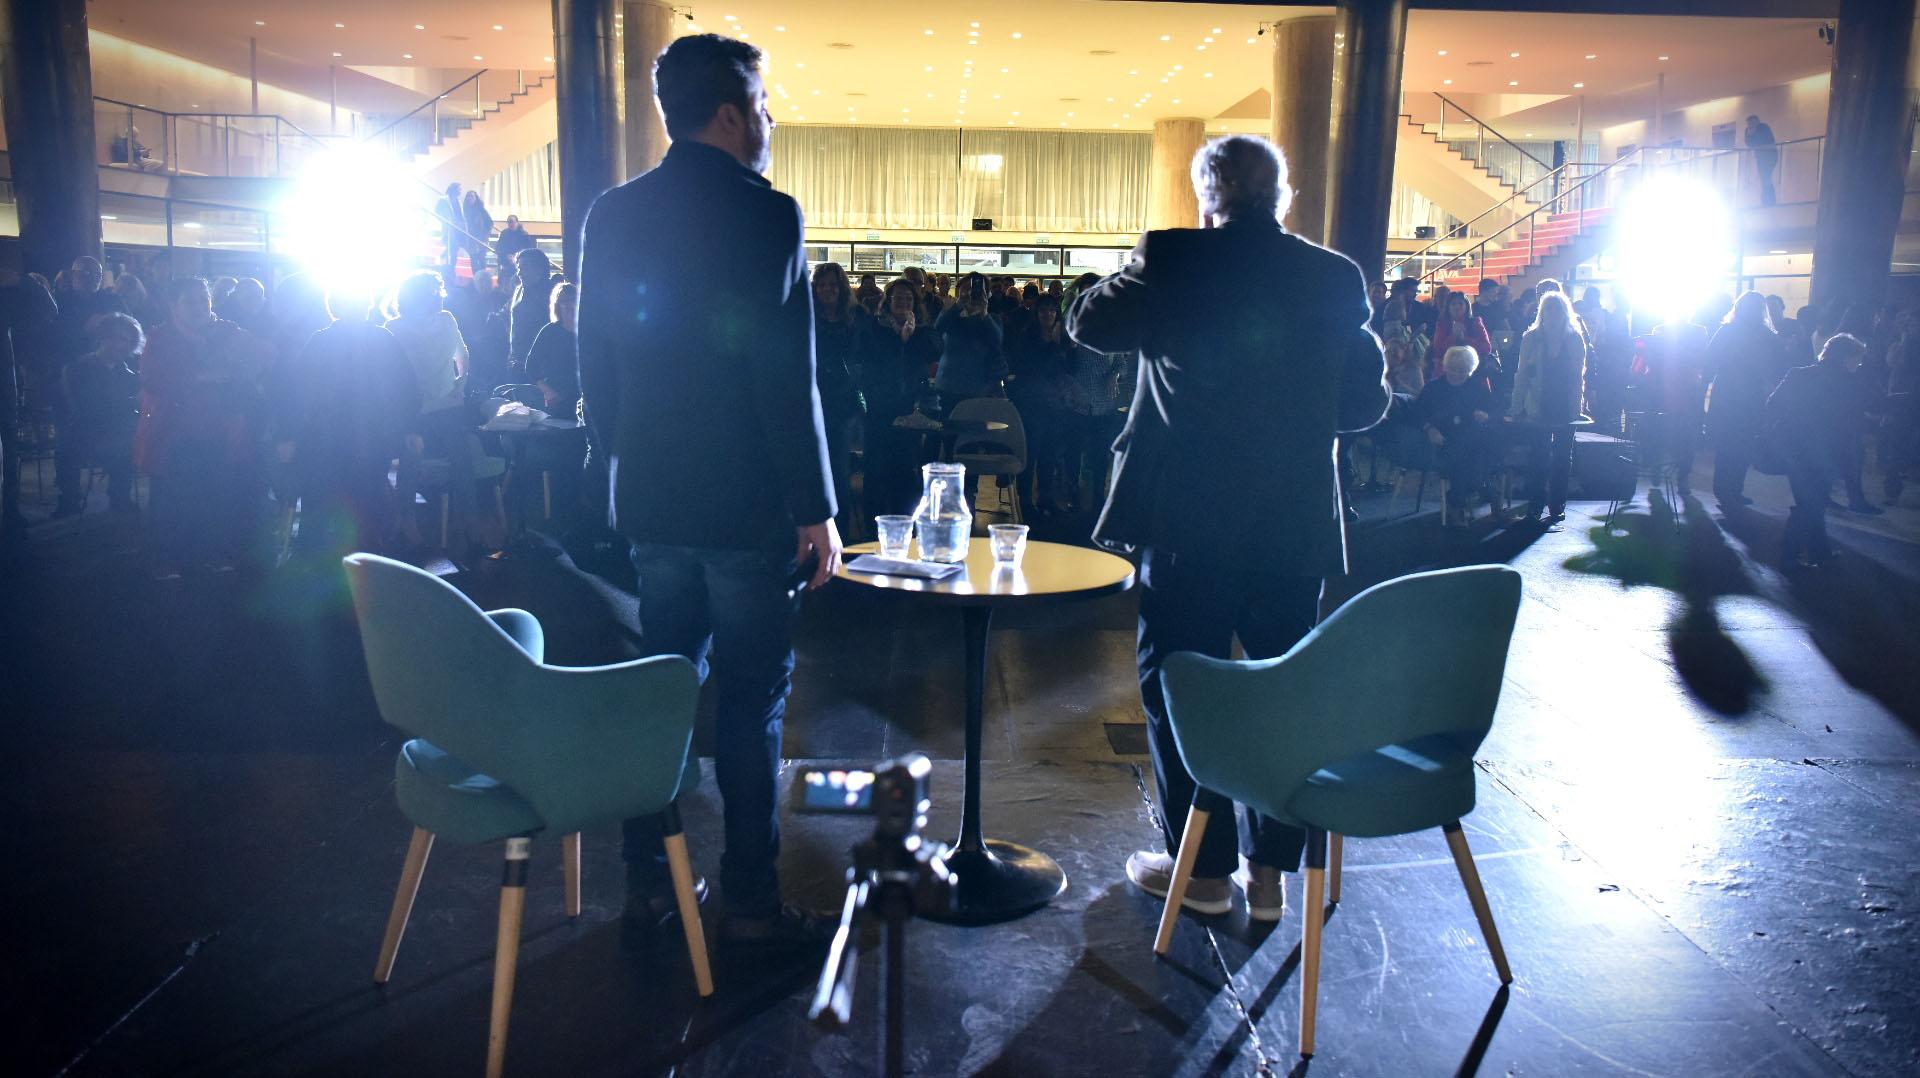 El público presente pudo presenciar una entrevista abierta con el actor